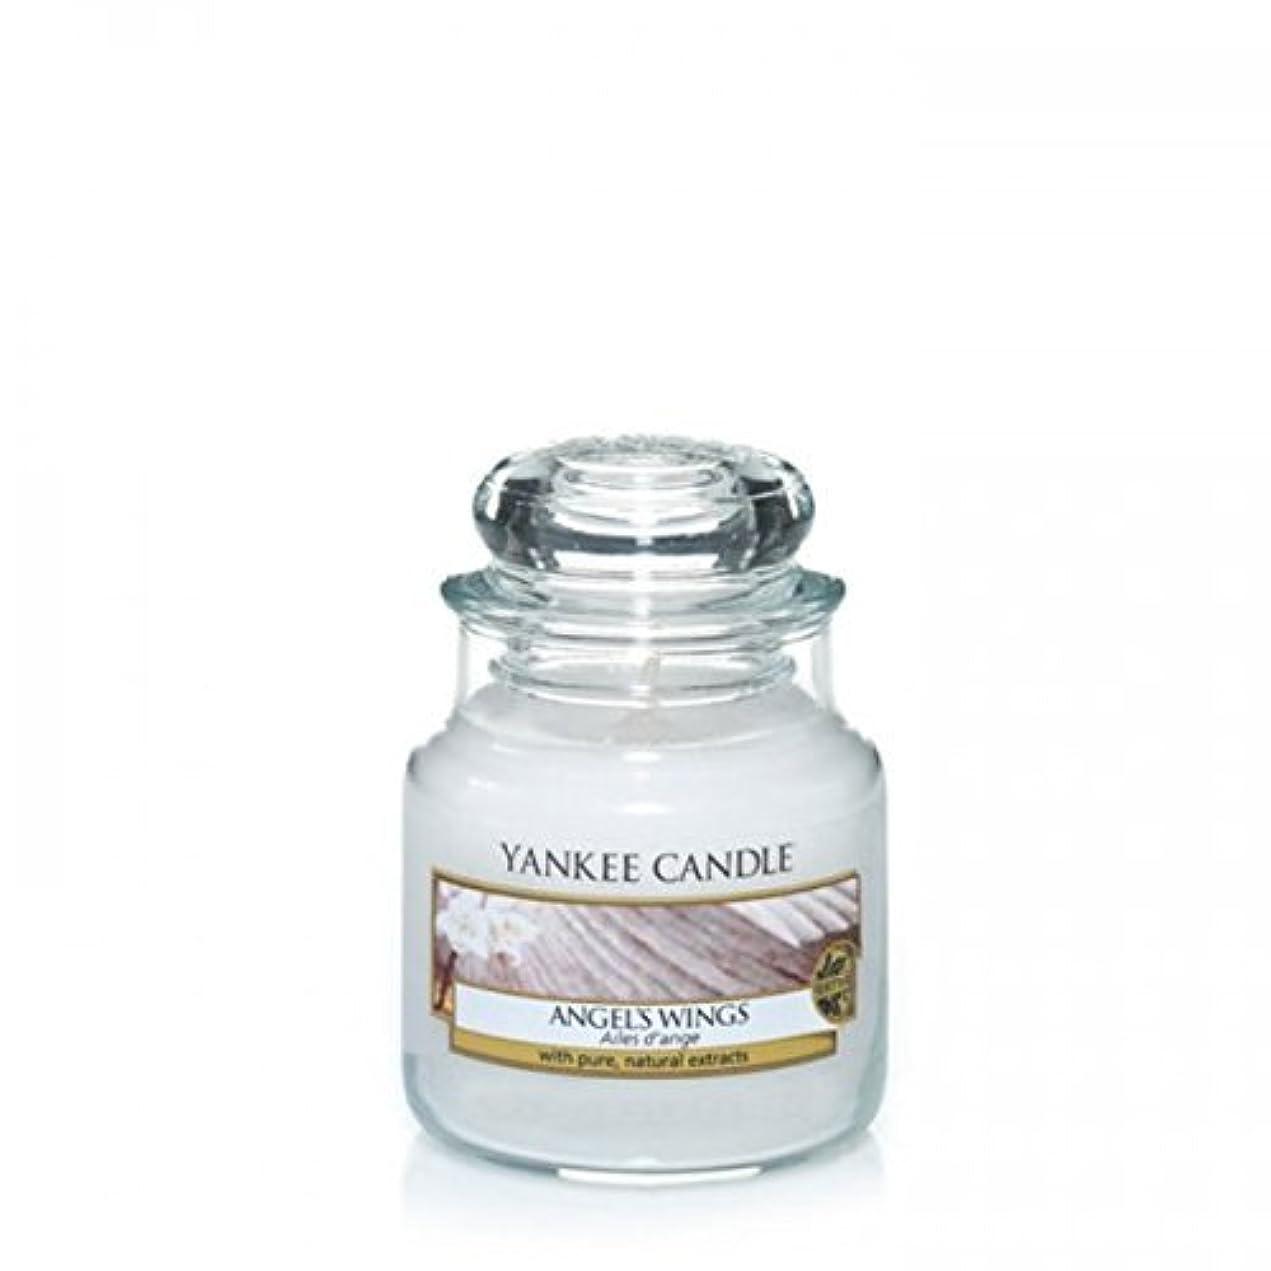 一晩ファーム容赦ないYankee Candle Angels Wings Jar 3.7Oz by Yankee Candle [並行輸入品]